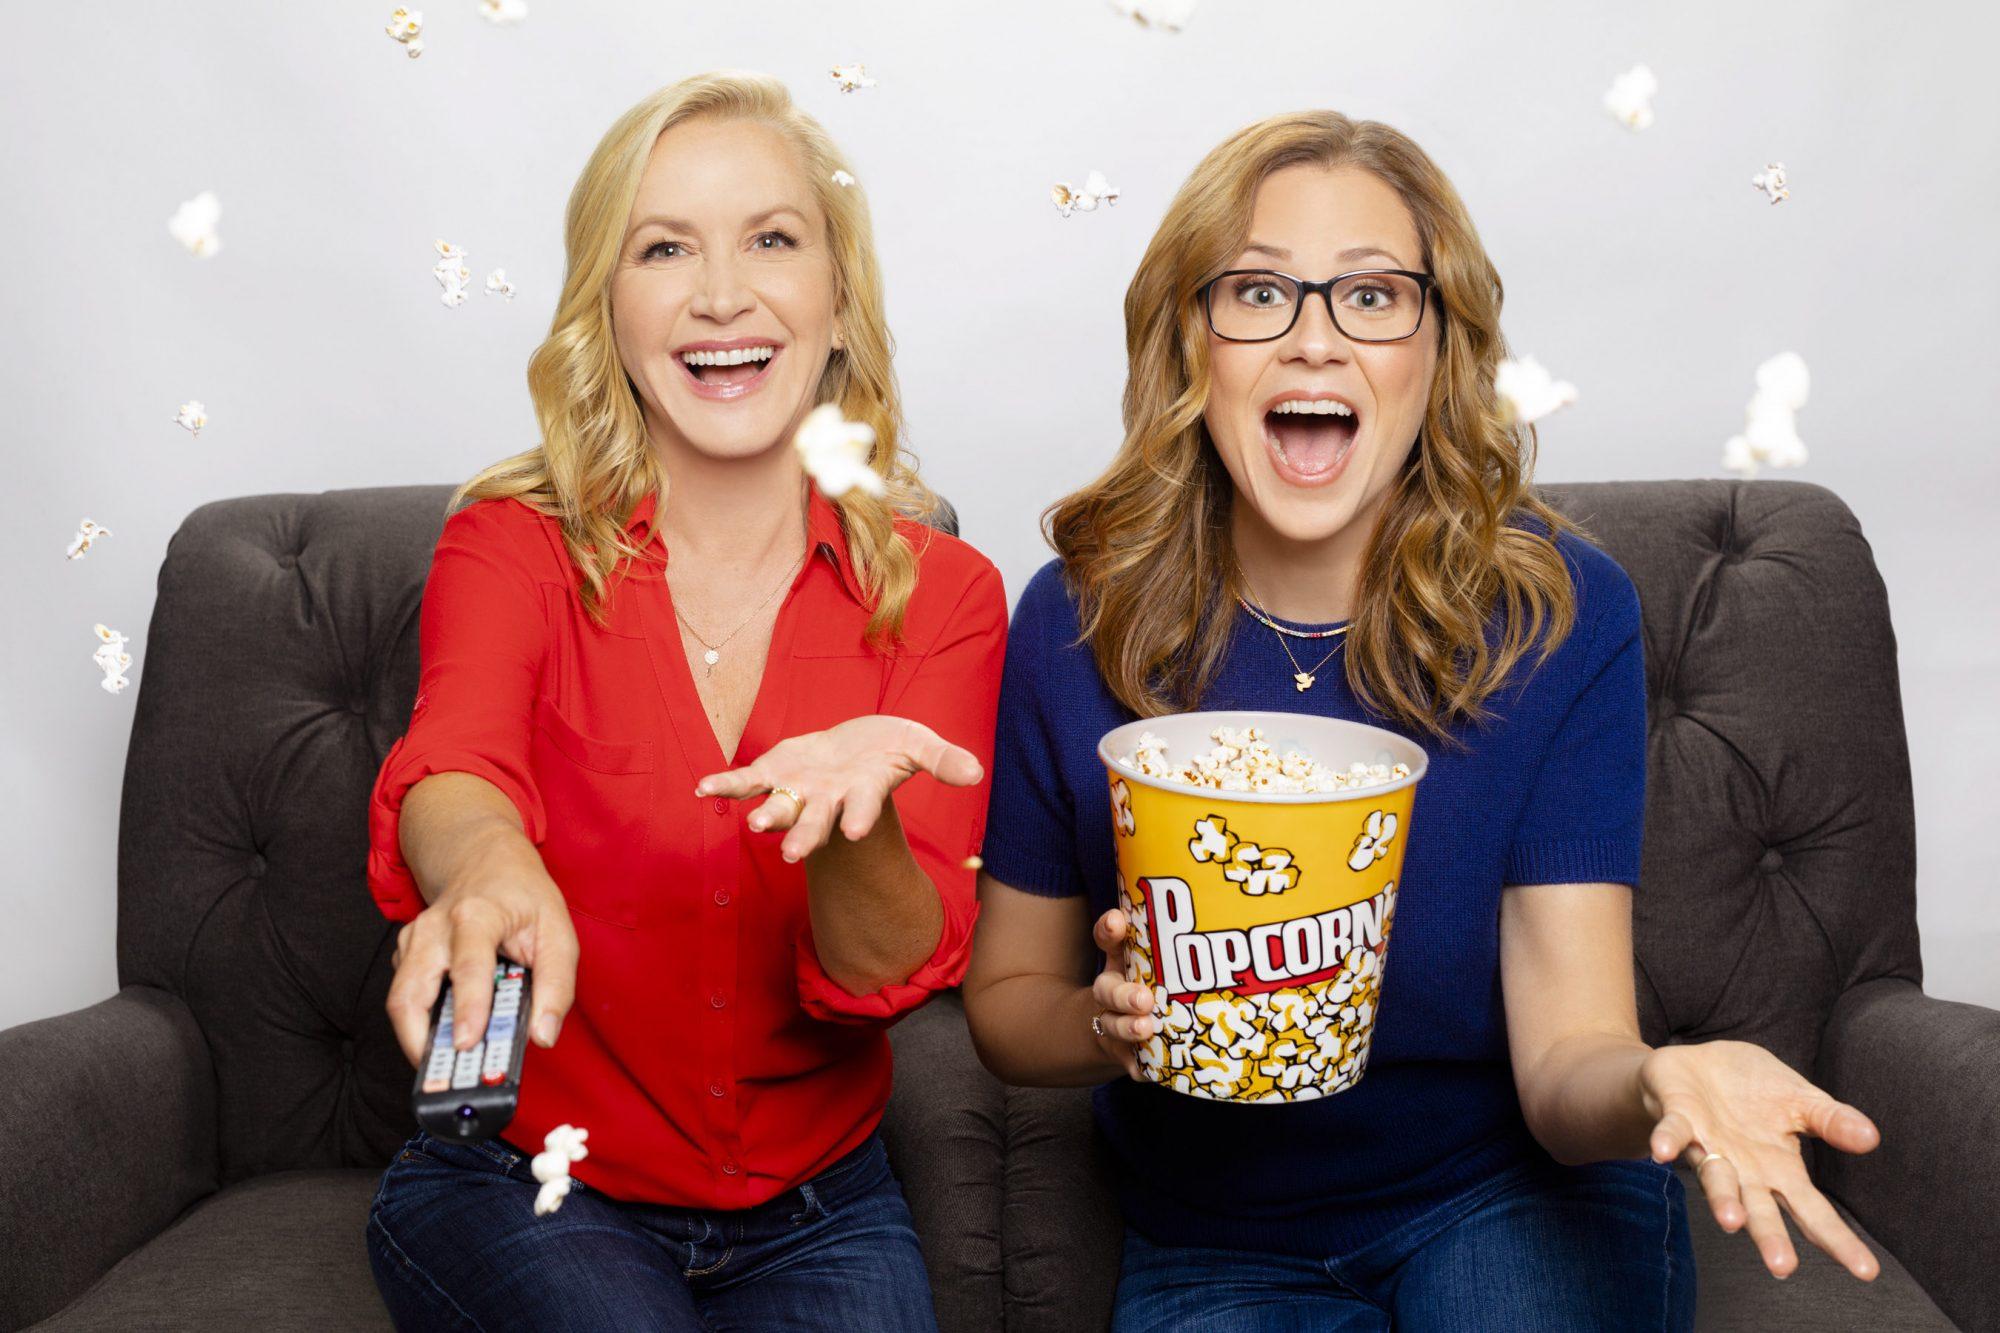 Office Ladies podcast Angela Kinsey and Jenna Fischer CR: Adam Hendershott